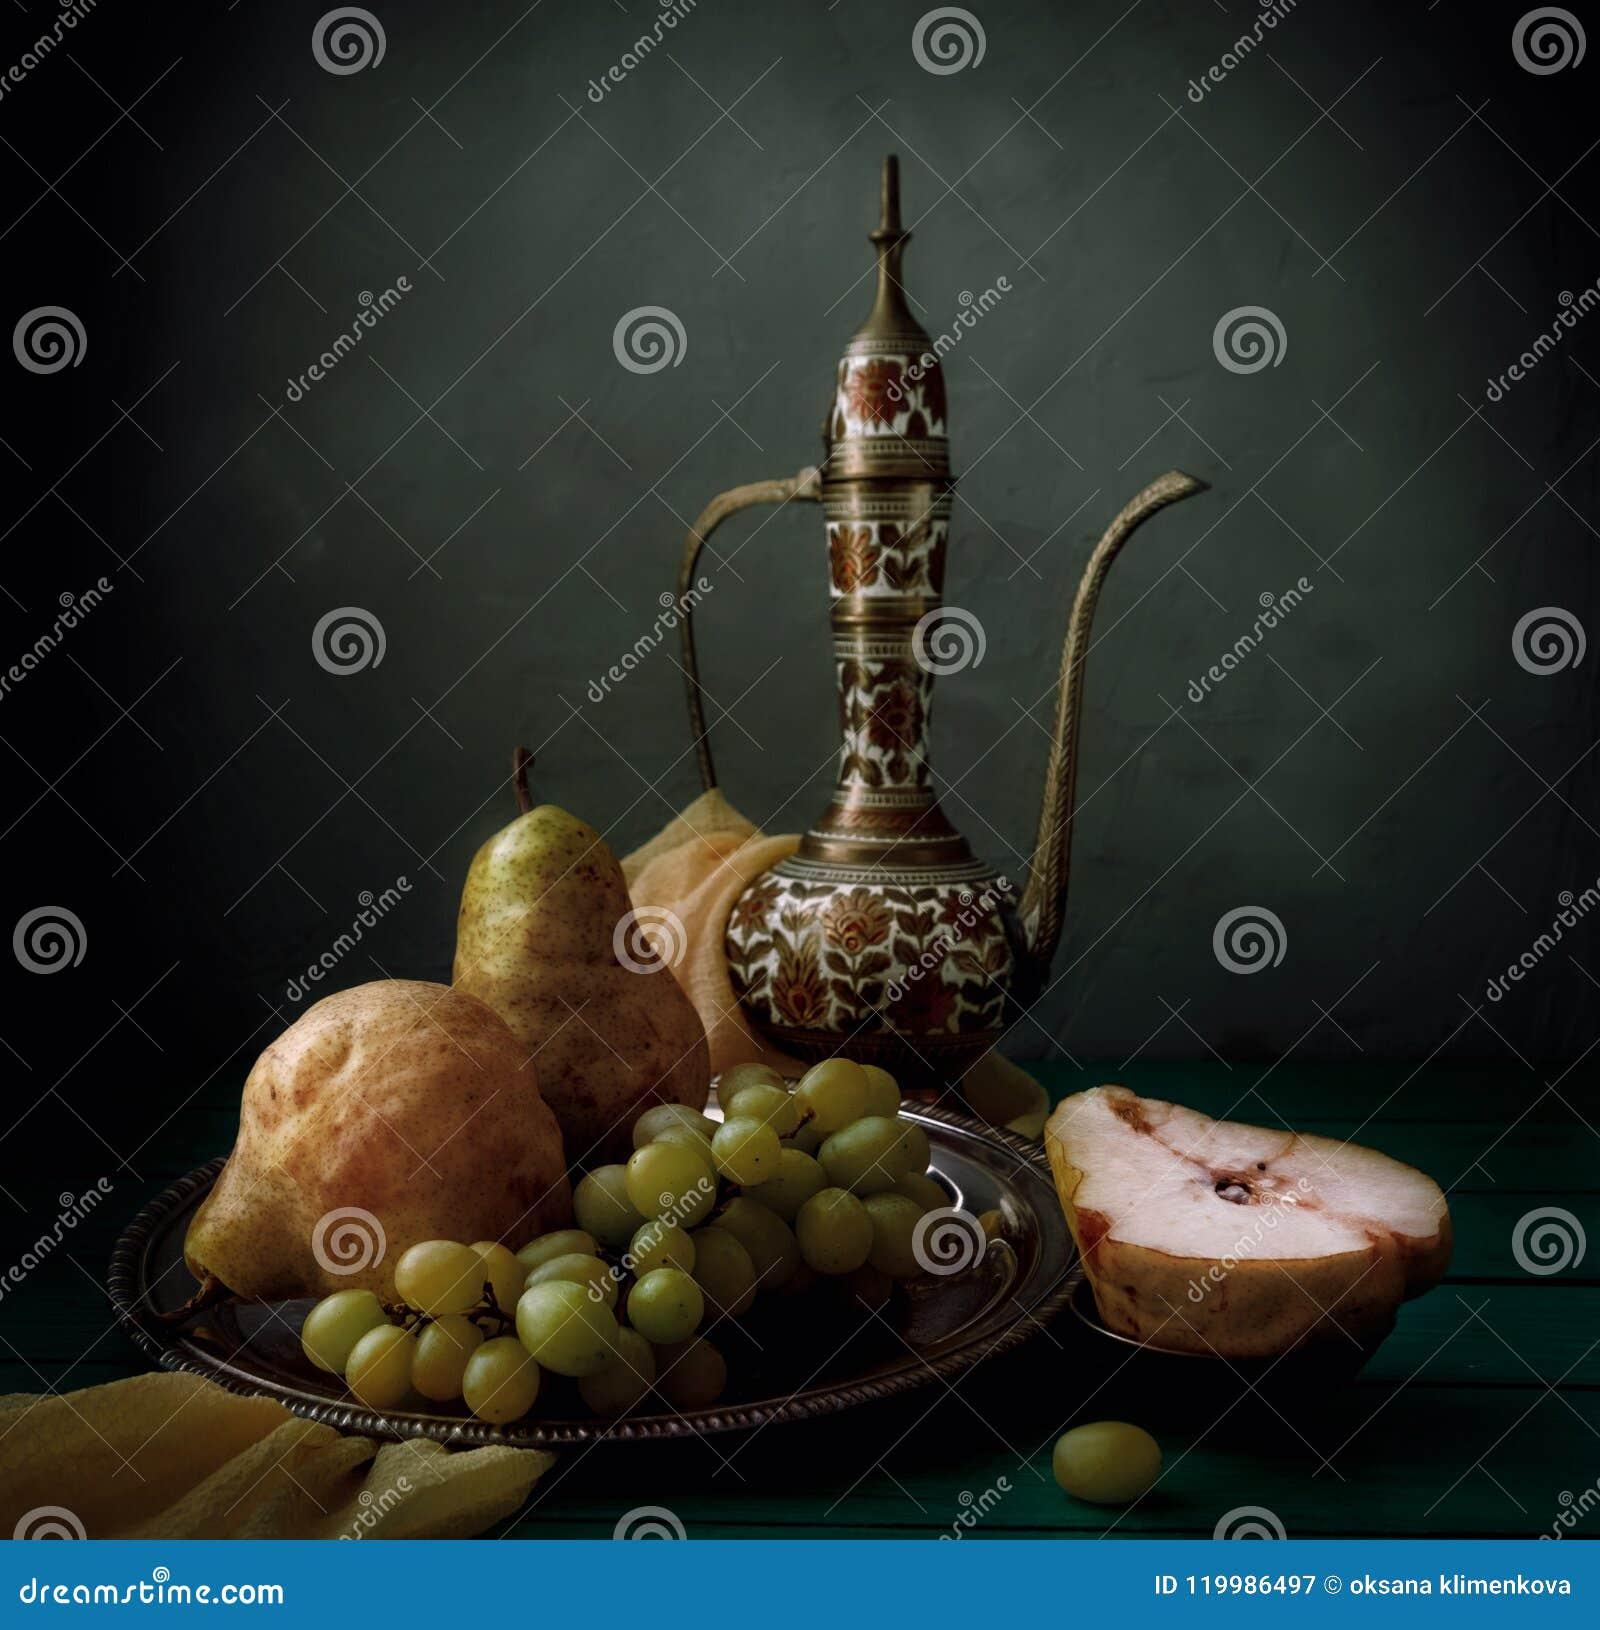 Классический натюрморт с кувшином, грушами и виноградиной на деревянном столе